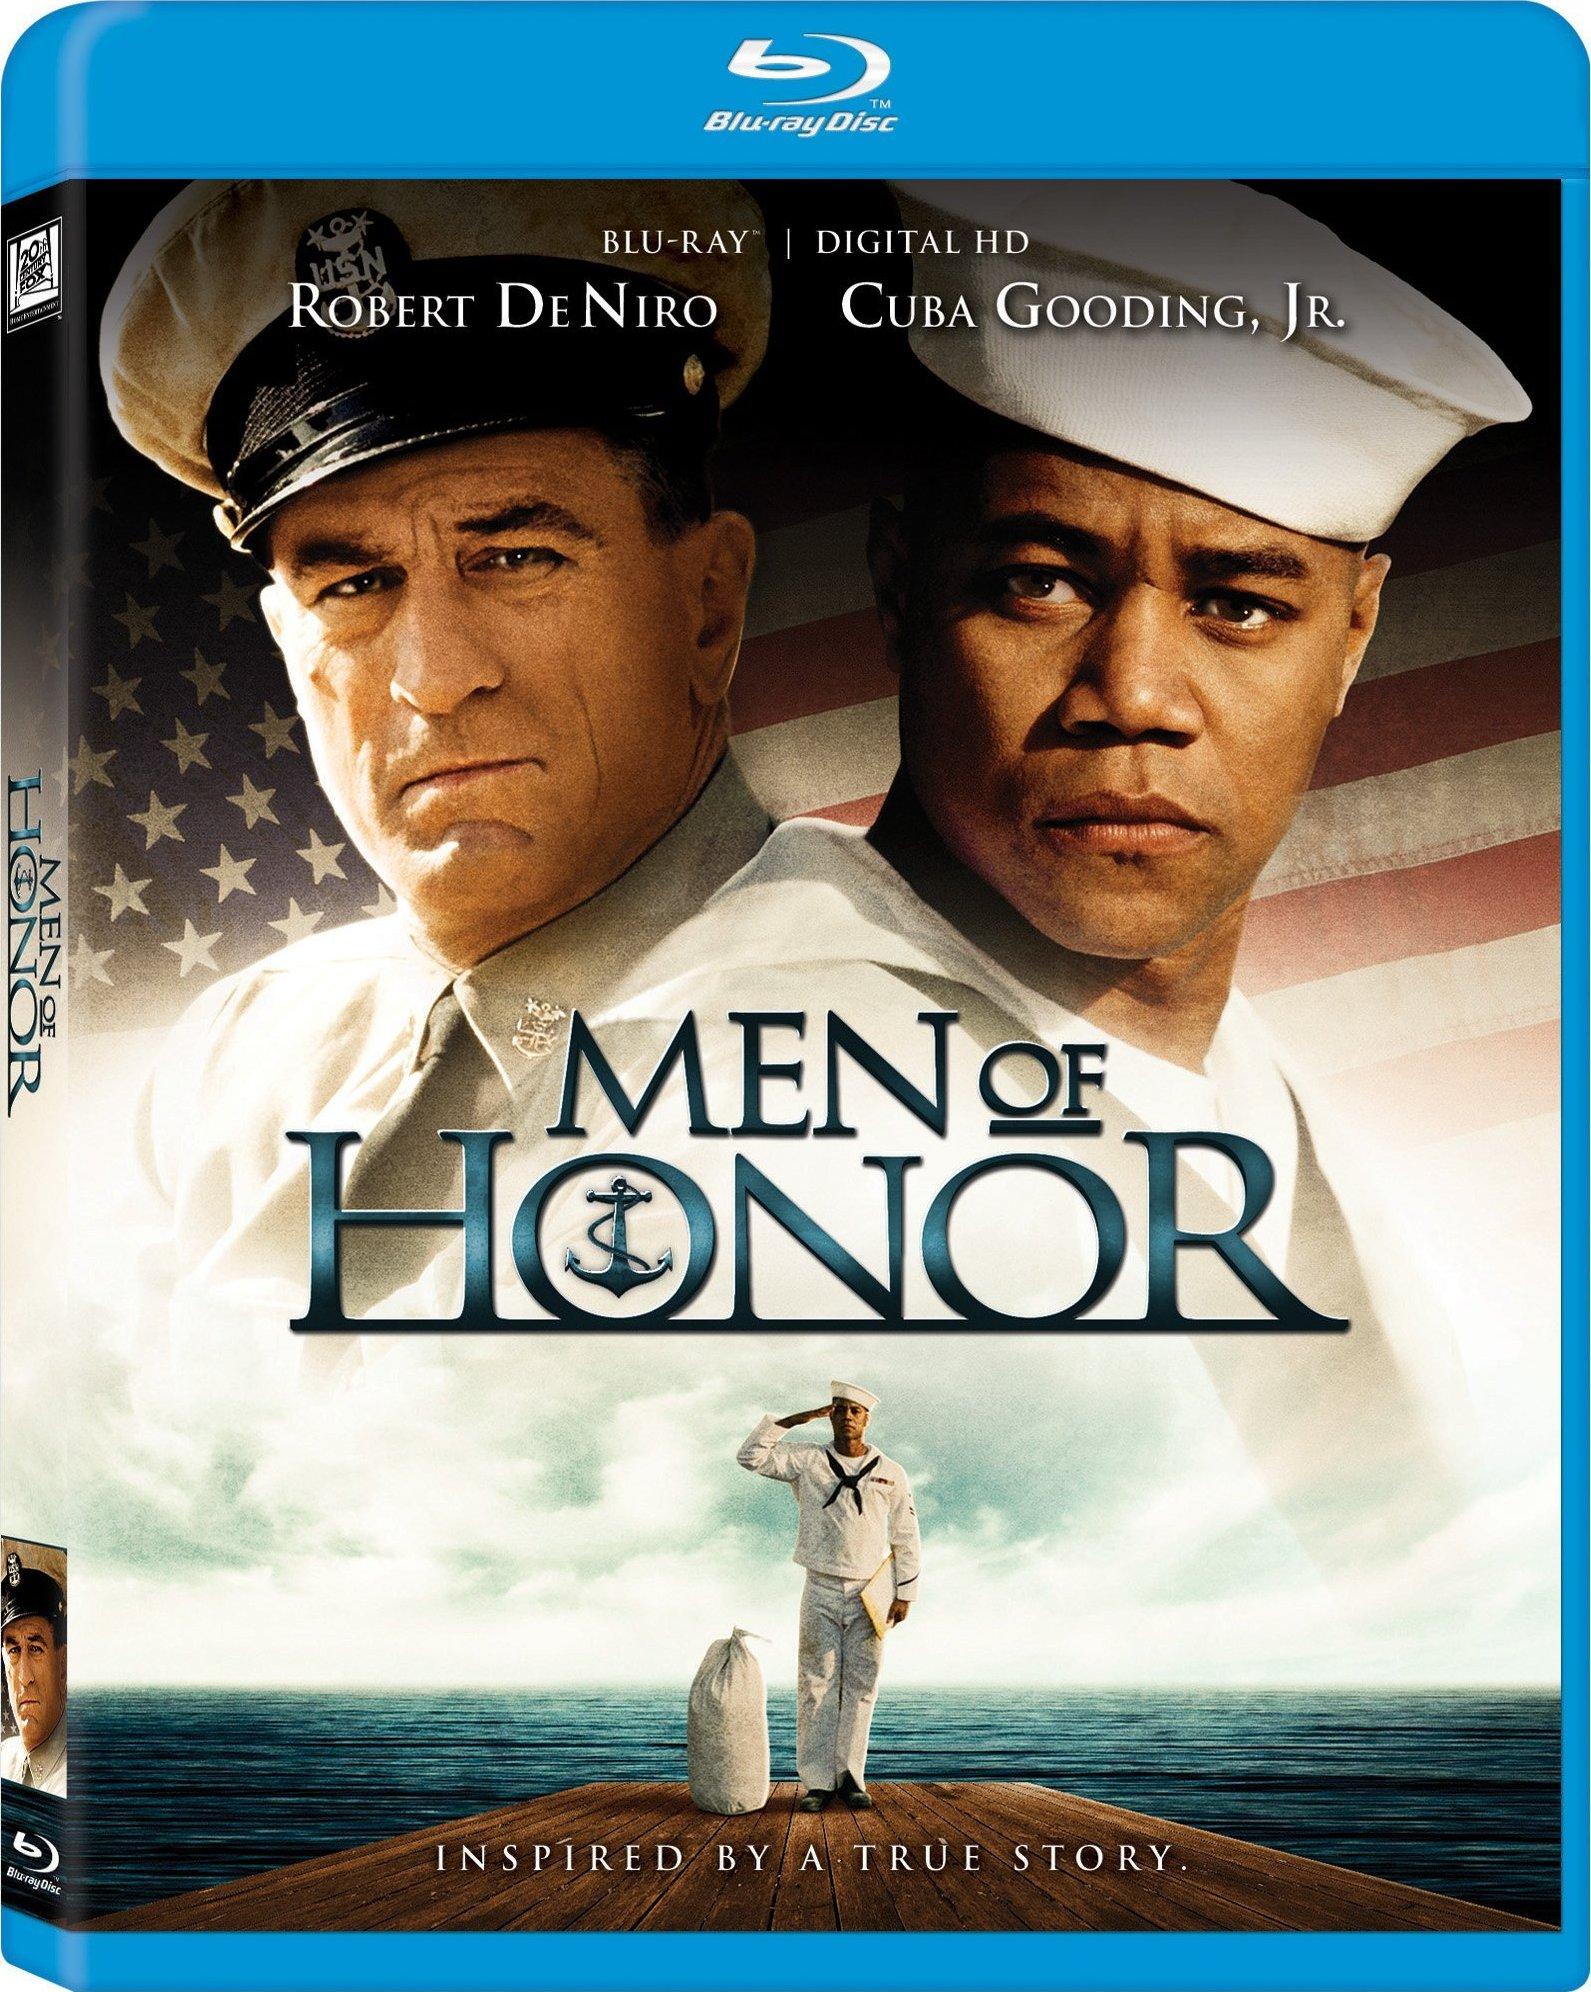 Men of Honor (Blu-ray + Digital)  $3.99